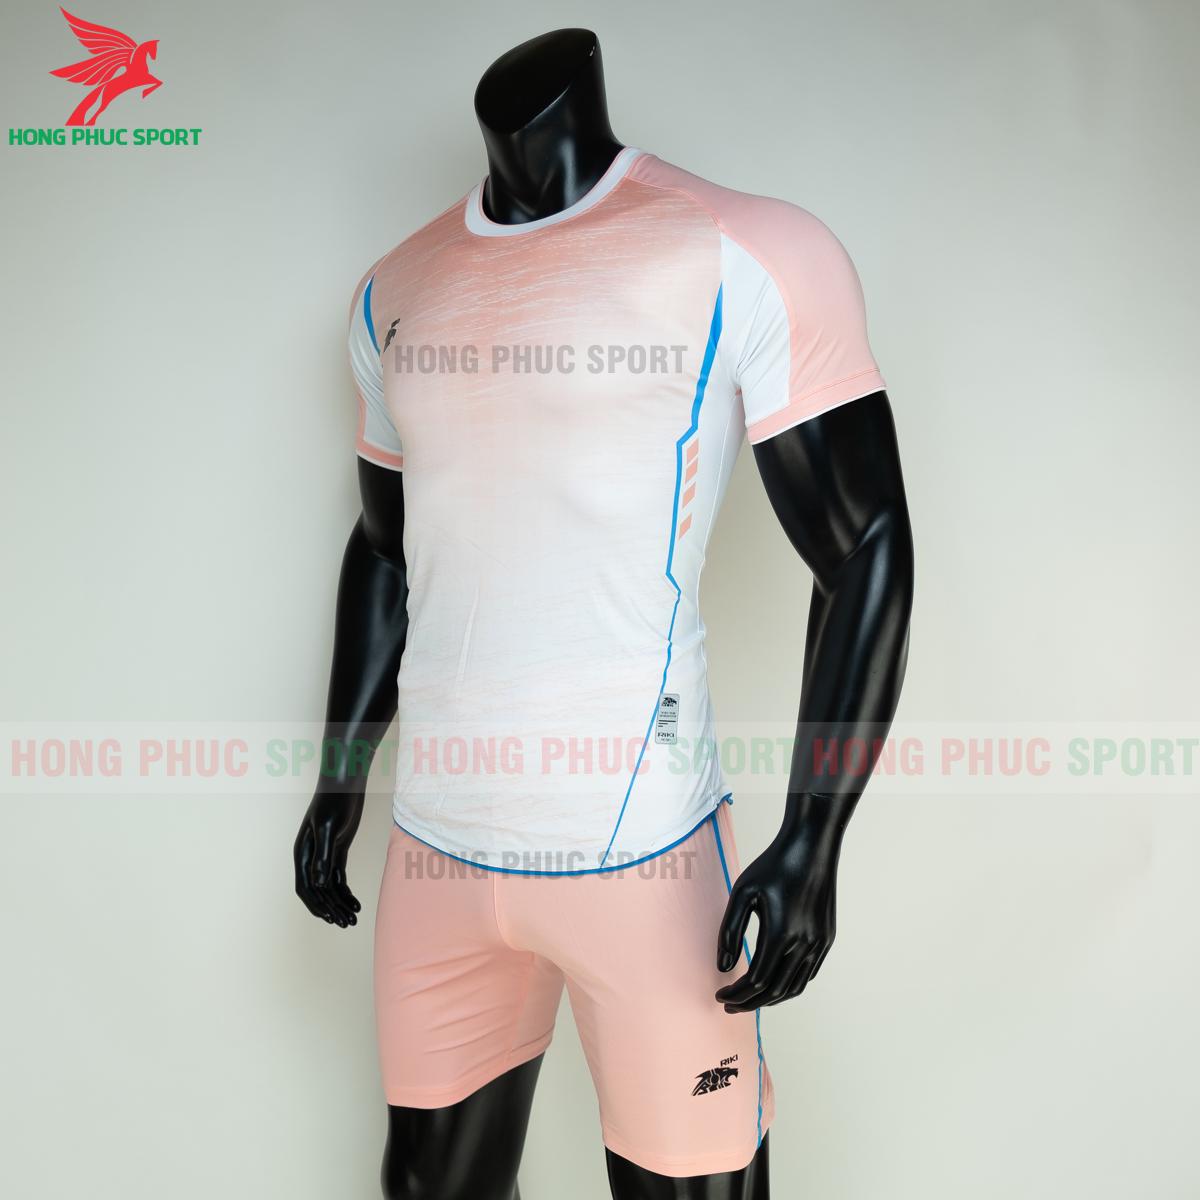 https://cdn.hongphucsport.com/unsafe/s4.shopbay.vn/files/285/ao-bong-da-khong-logo-riki-grambor-mau-hong-4-6050611485120.png